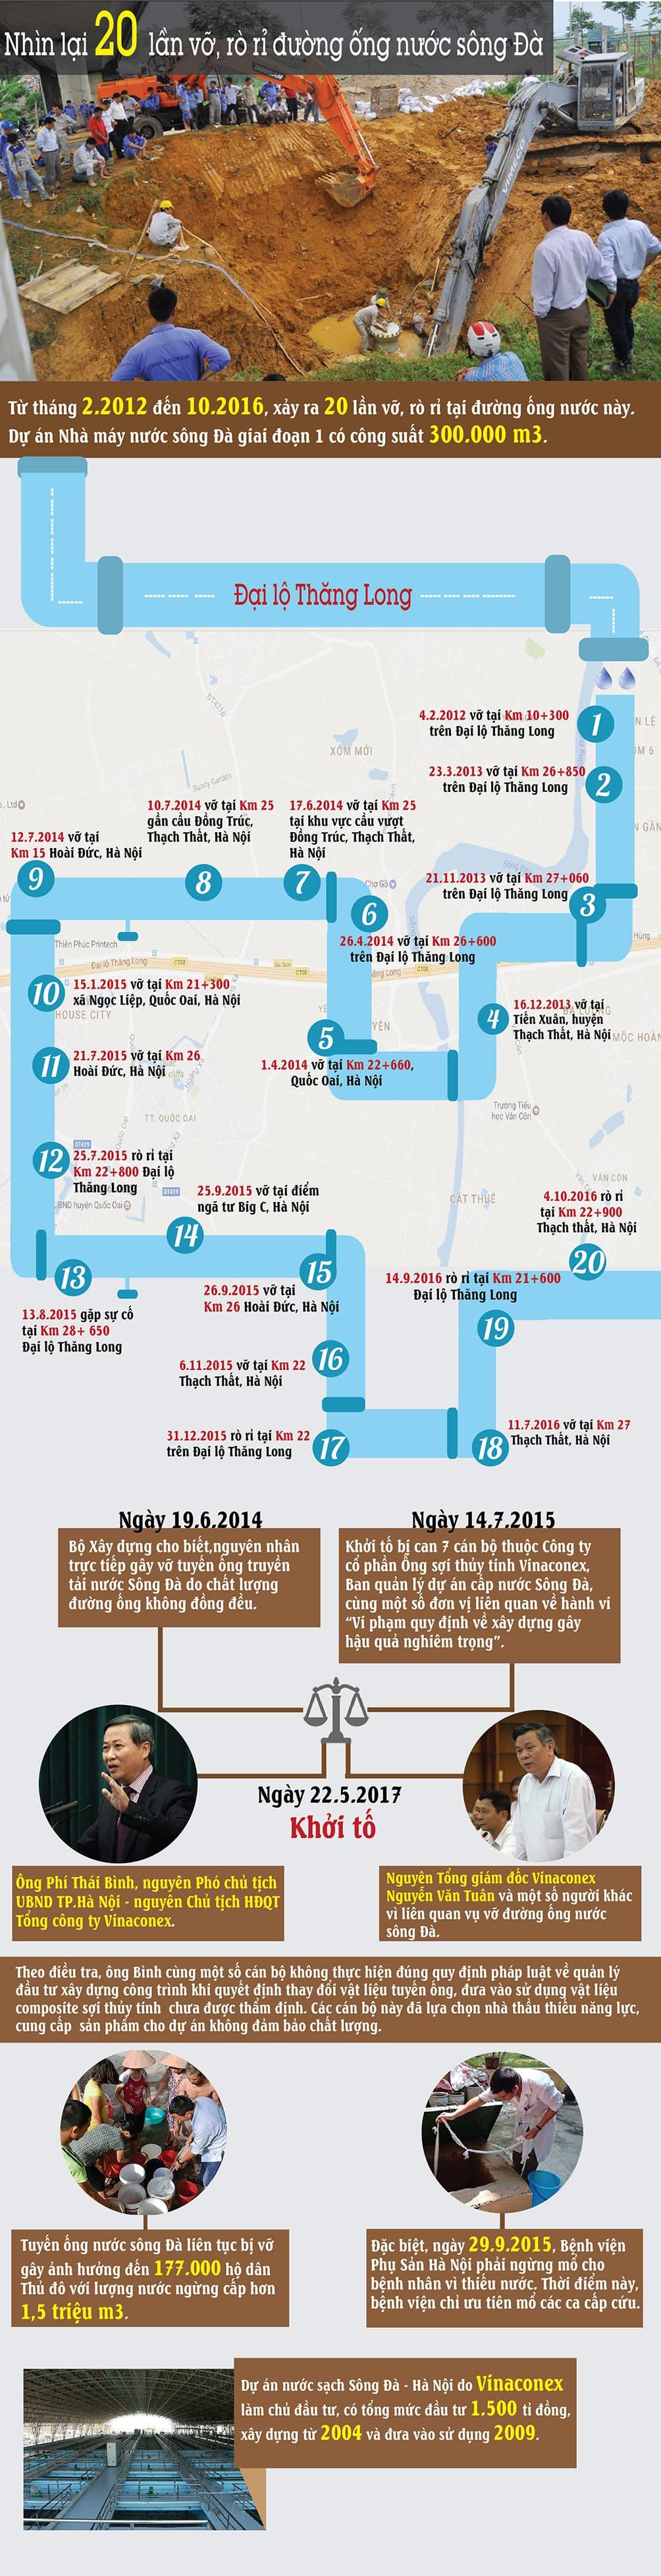 Từ vụ ông Phí Thái Bình bị khởi tố, nhìn lại 20 lần vỡ, rò rỉ đường ống nước sông Đà - 1